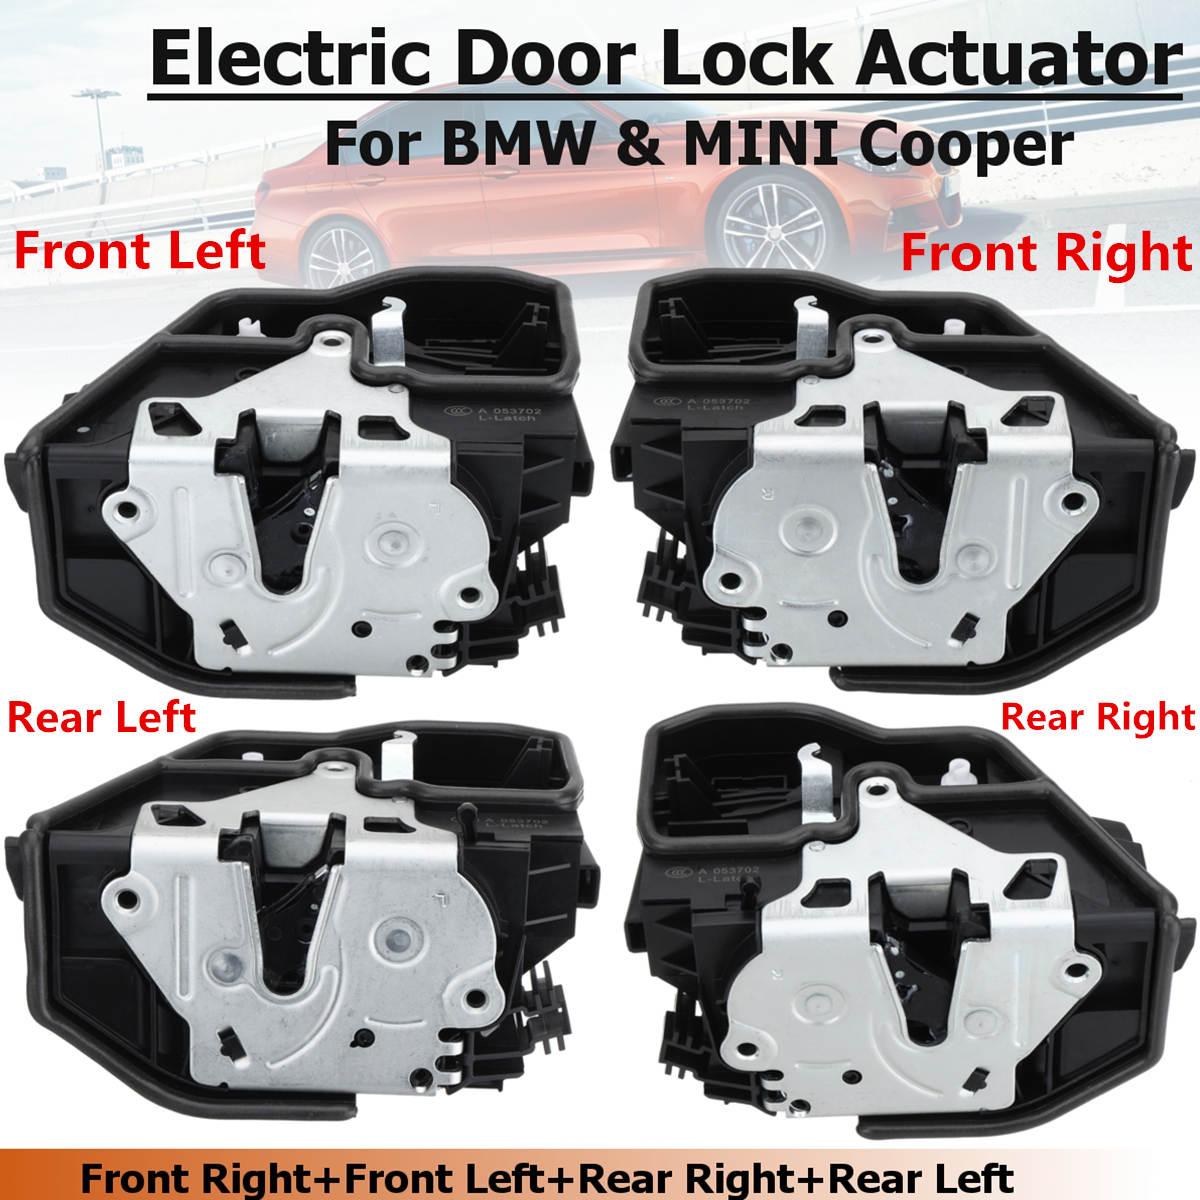 Poder Door Lock Trava Atuador Elétrico Para BMW X6 E60 E70 E90 OEM 51217202143 51217202146 51227202147 51227202148